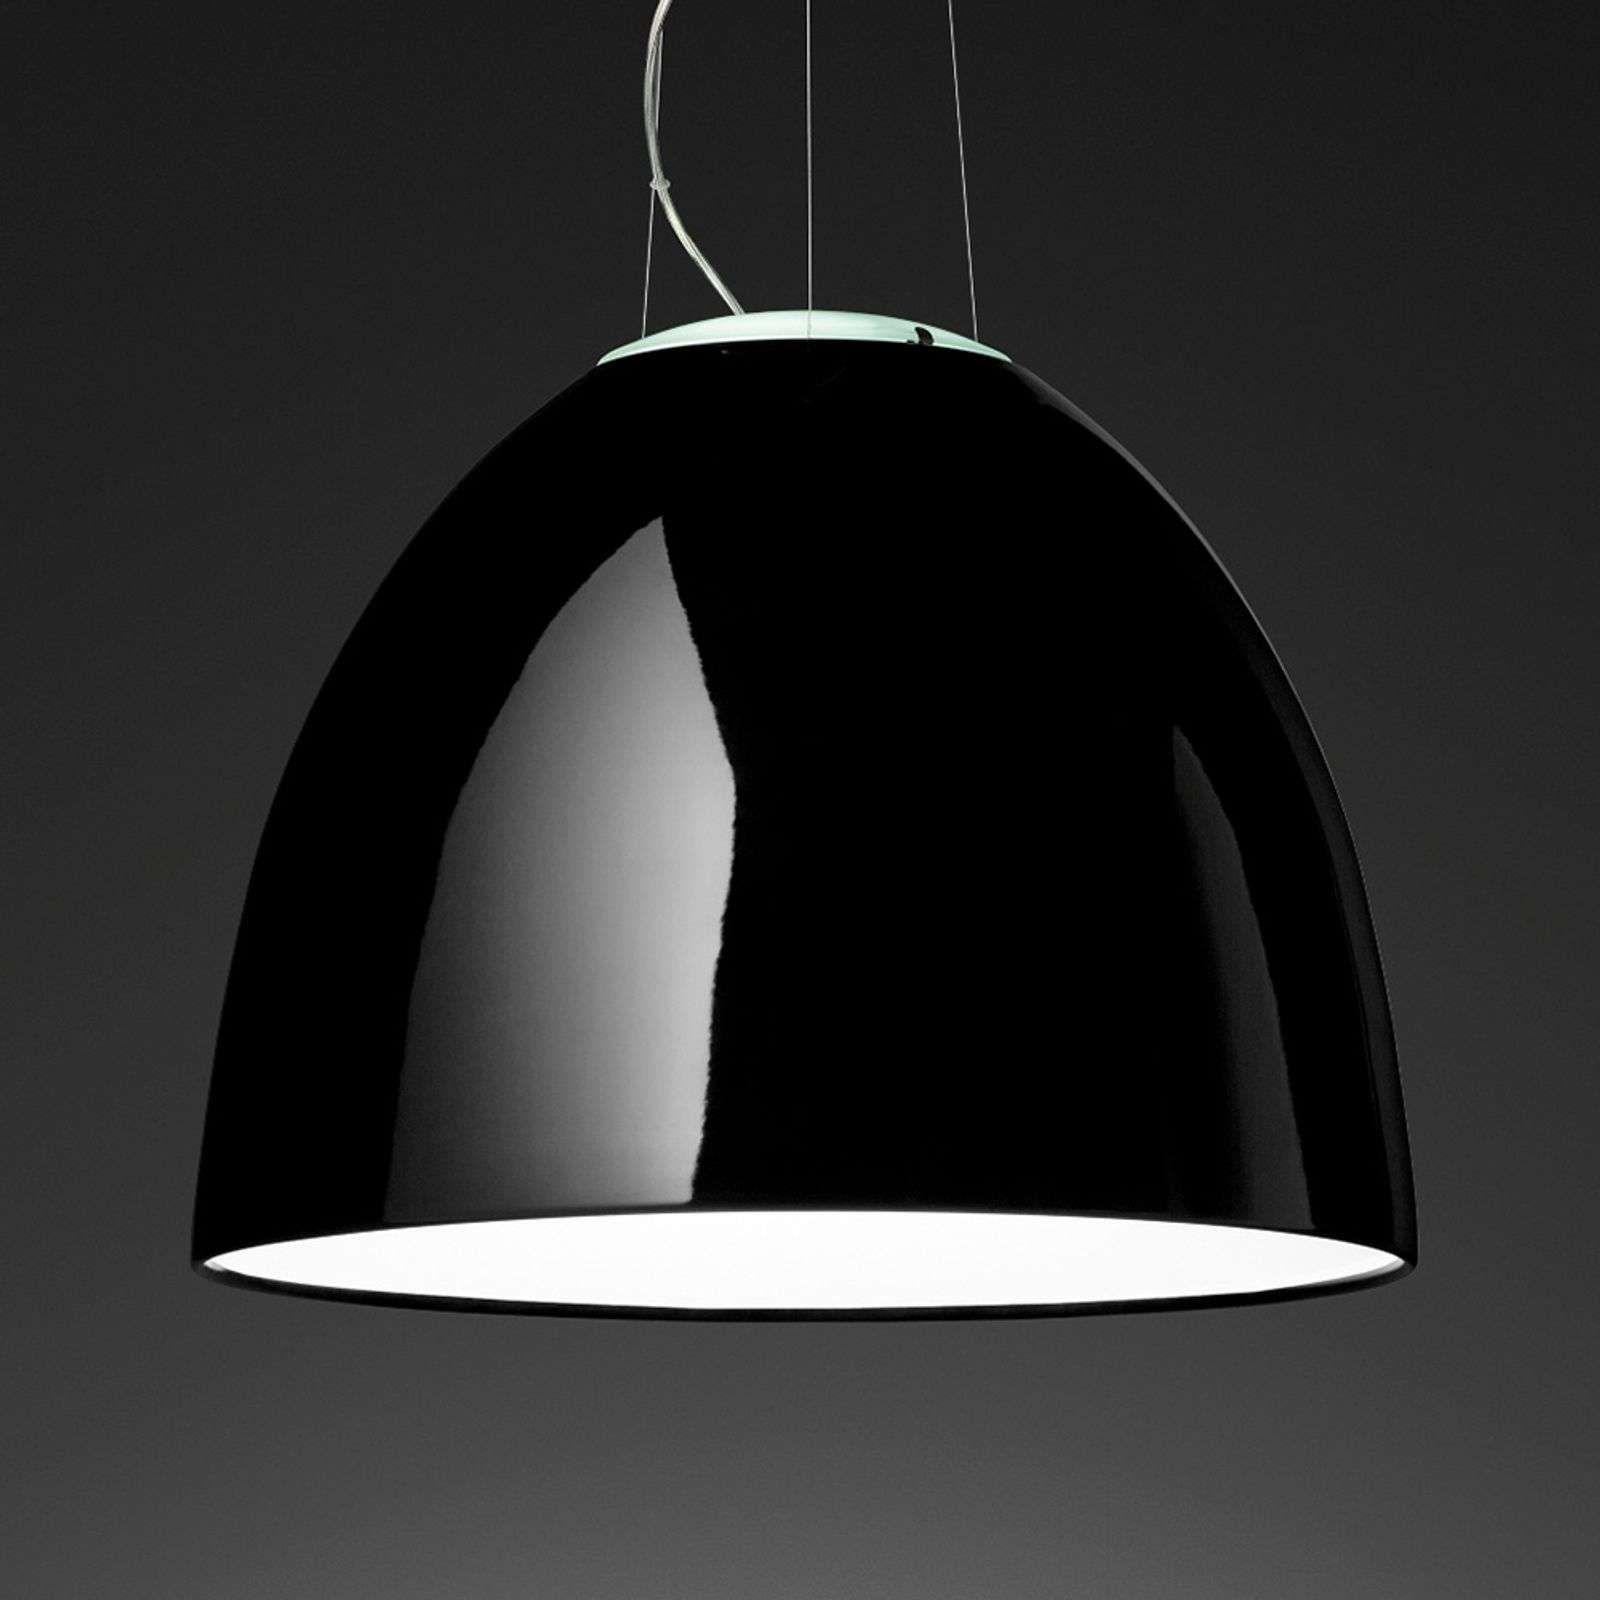 Lampe Suspension Papier Design lampe boule papier japonaise | suspension design noir